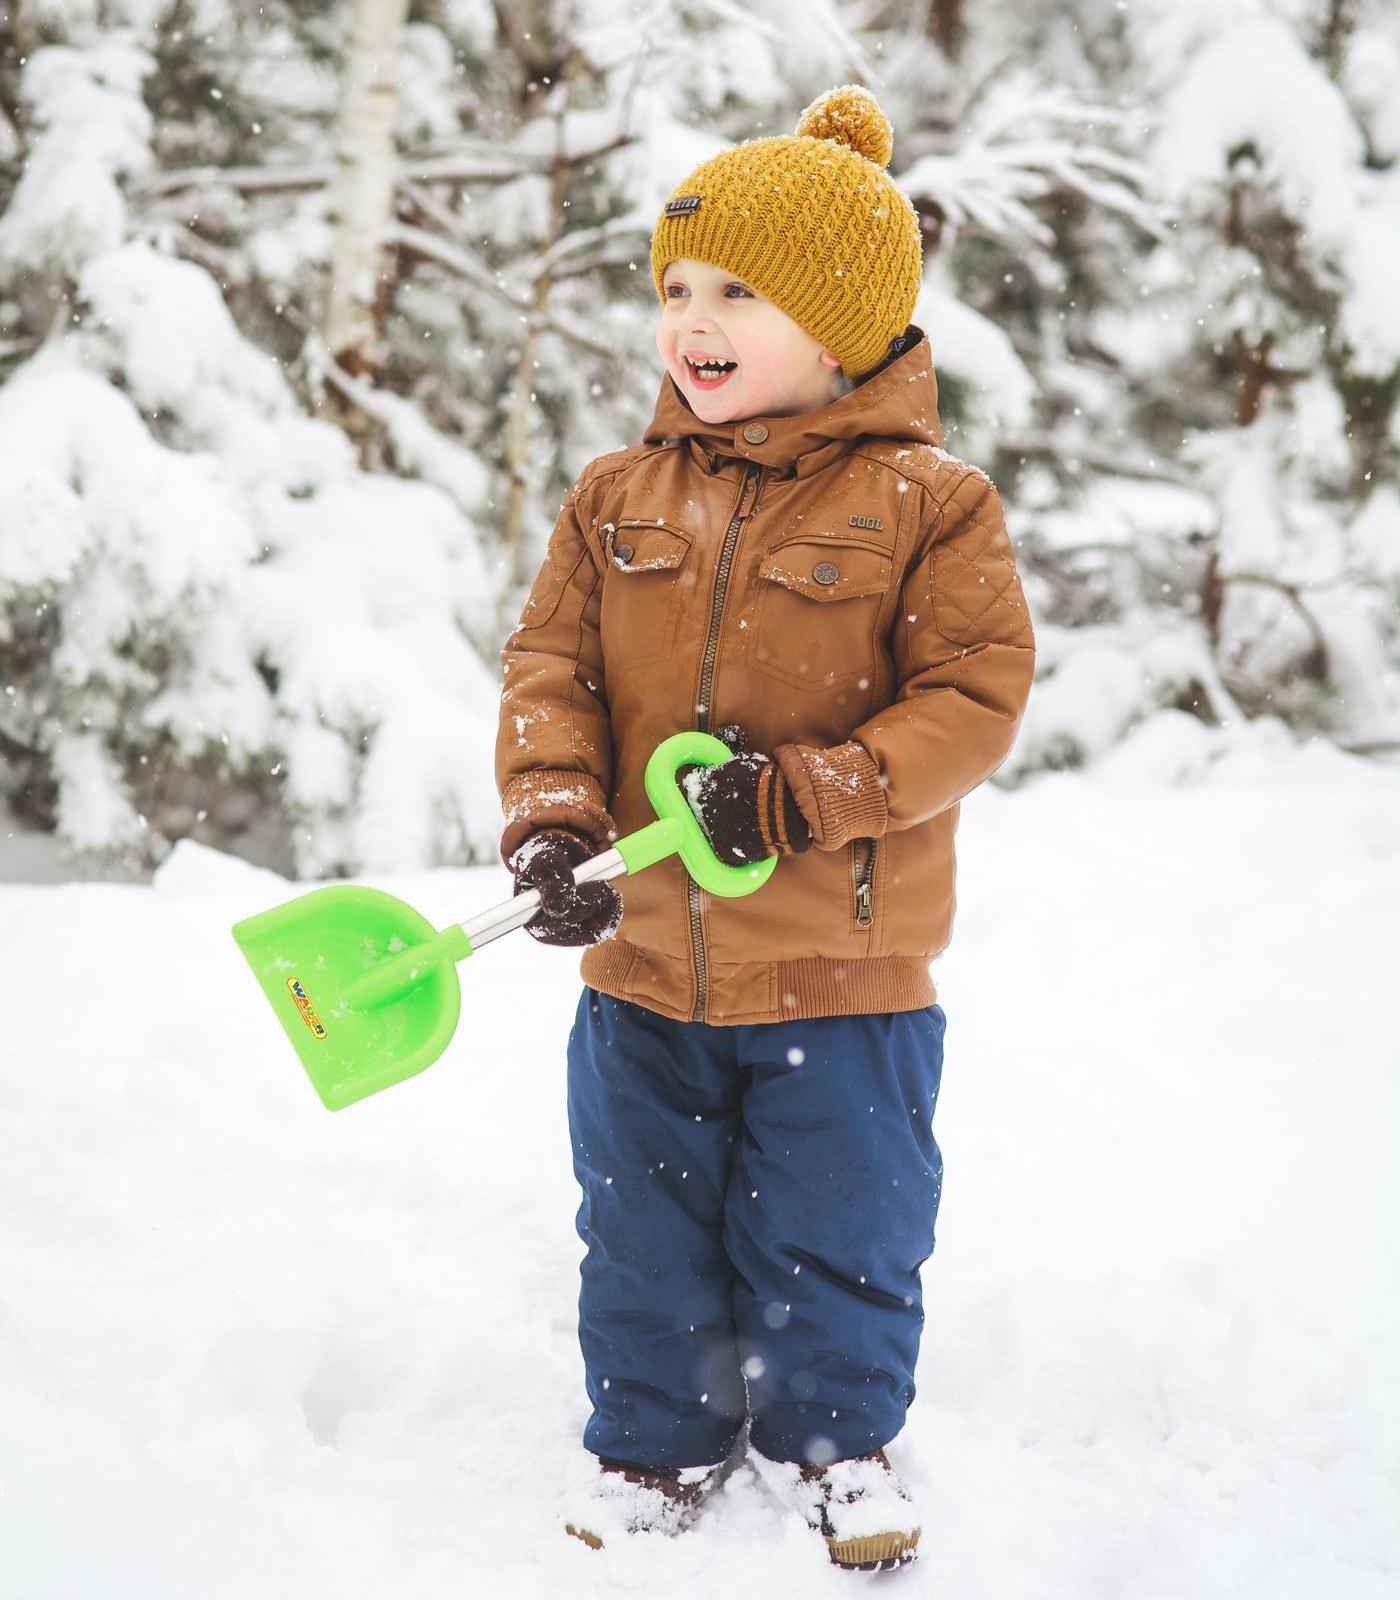 Tipps fürs Wochenende 12.-14.02.2021: Winter-Abenteuerspielplatz: Im Schnee spielen // HIMBEER